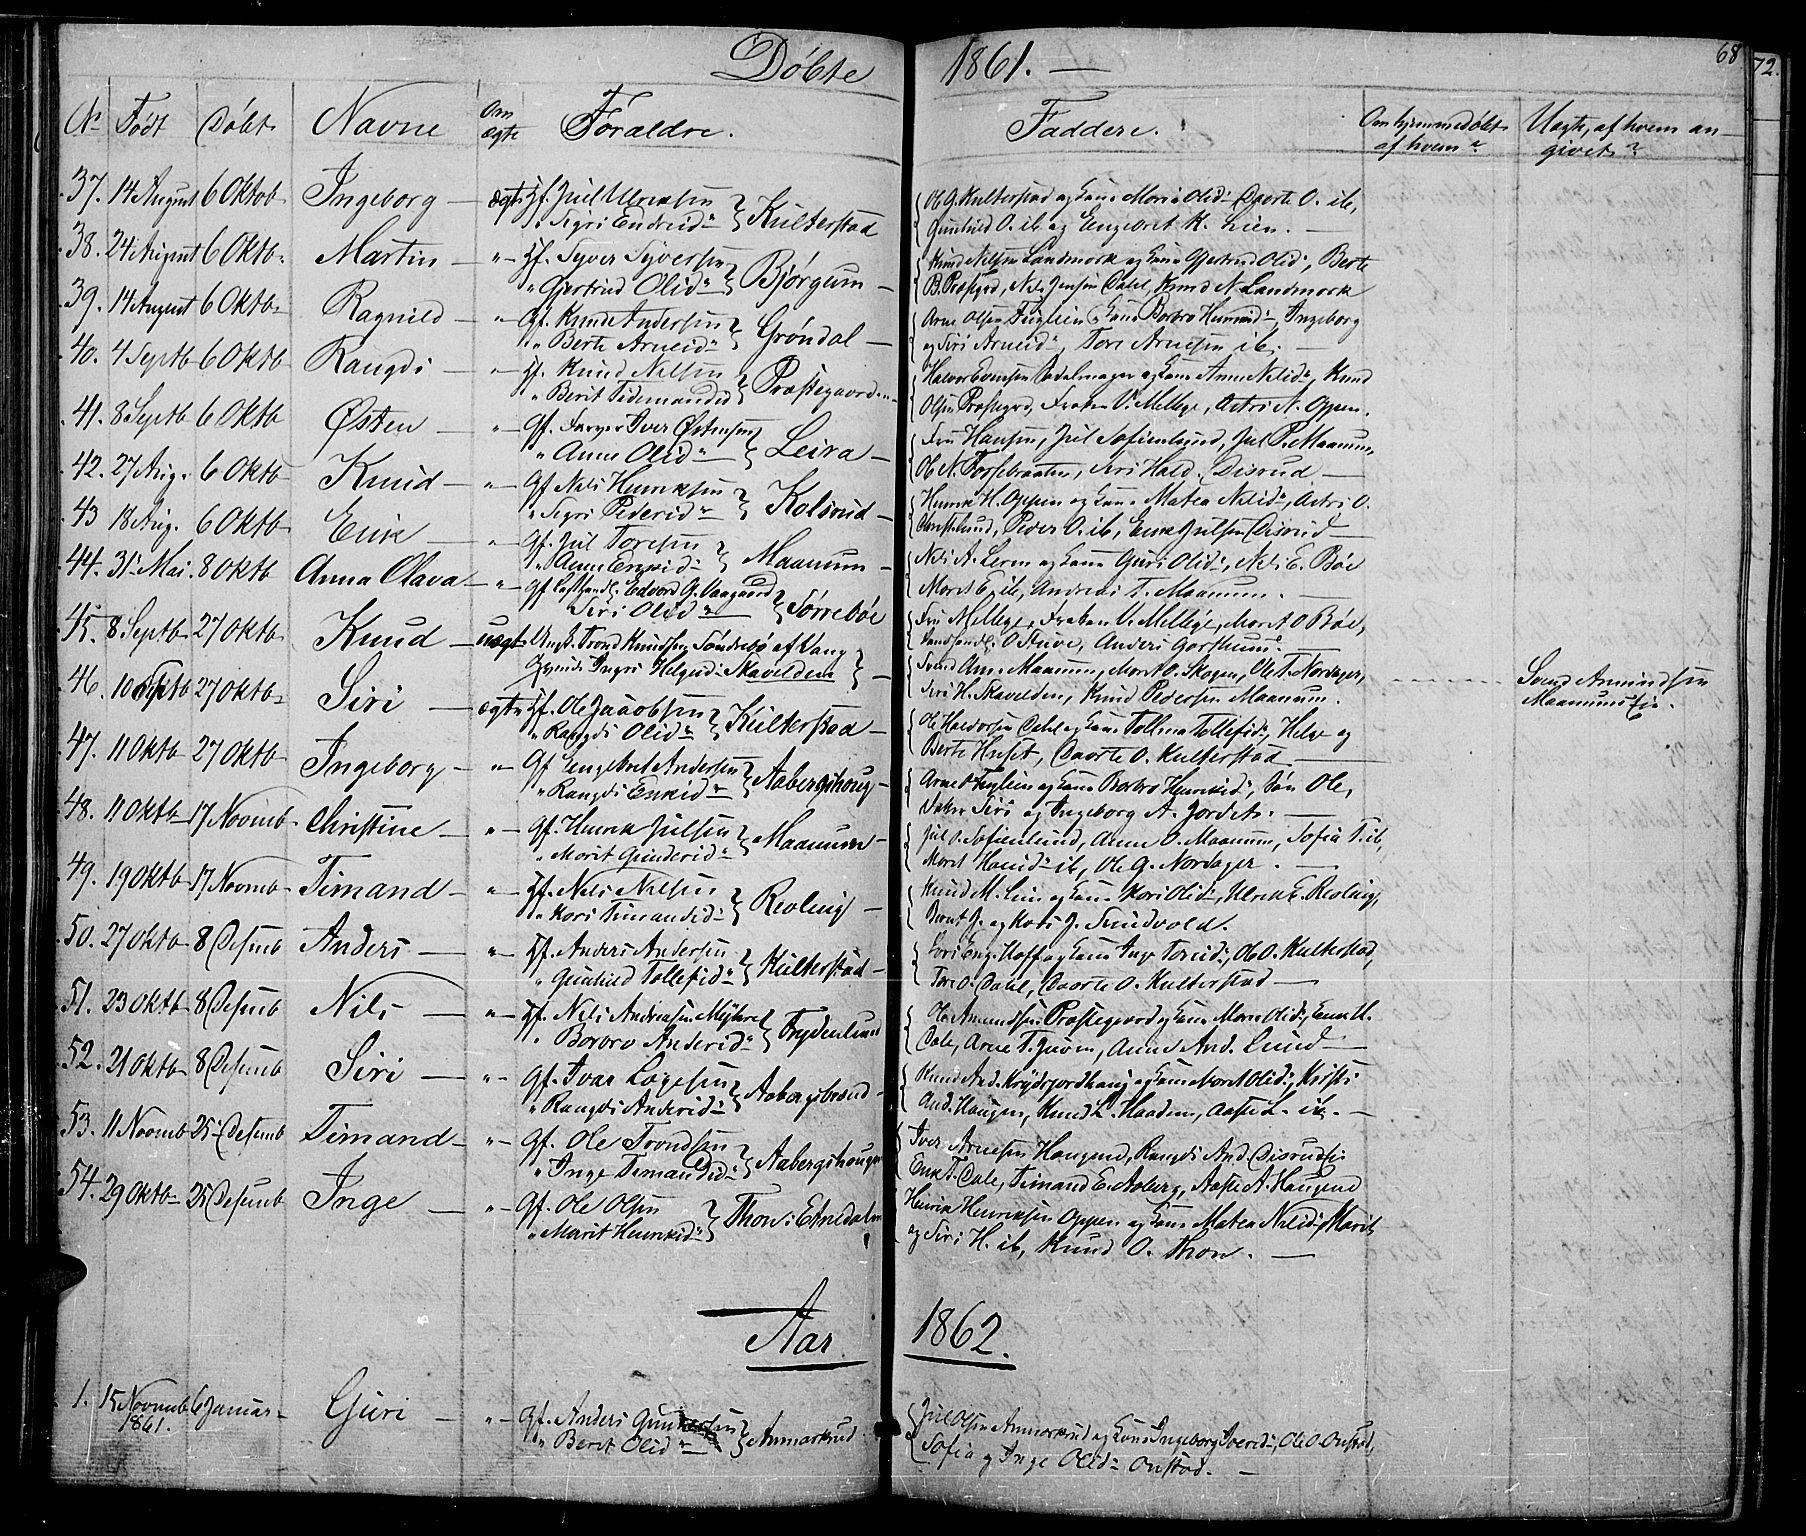 SAH, Nord-Aurdal prestekontor, Klokkerbok nr. 2, 1842-1877, s. 68